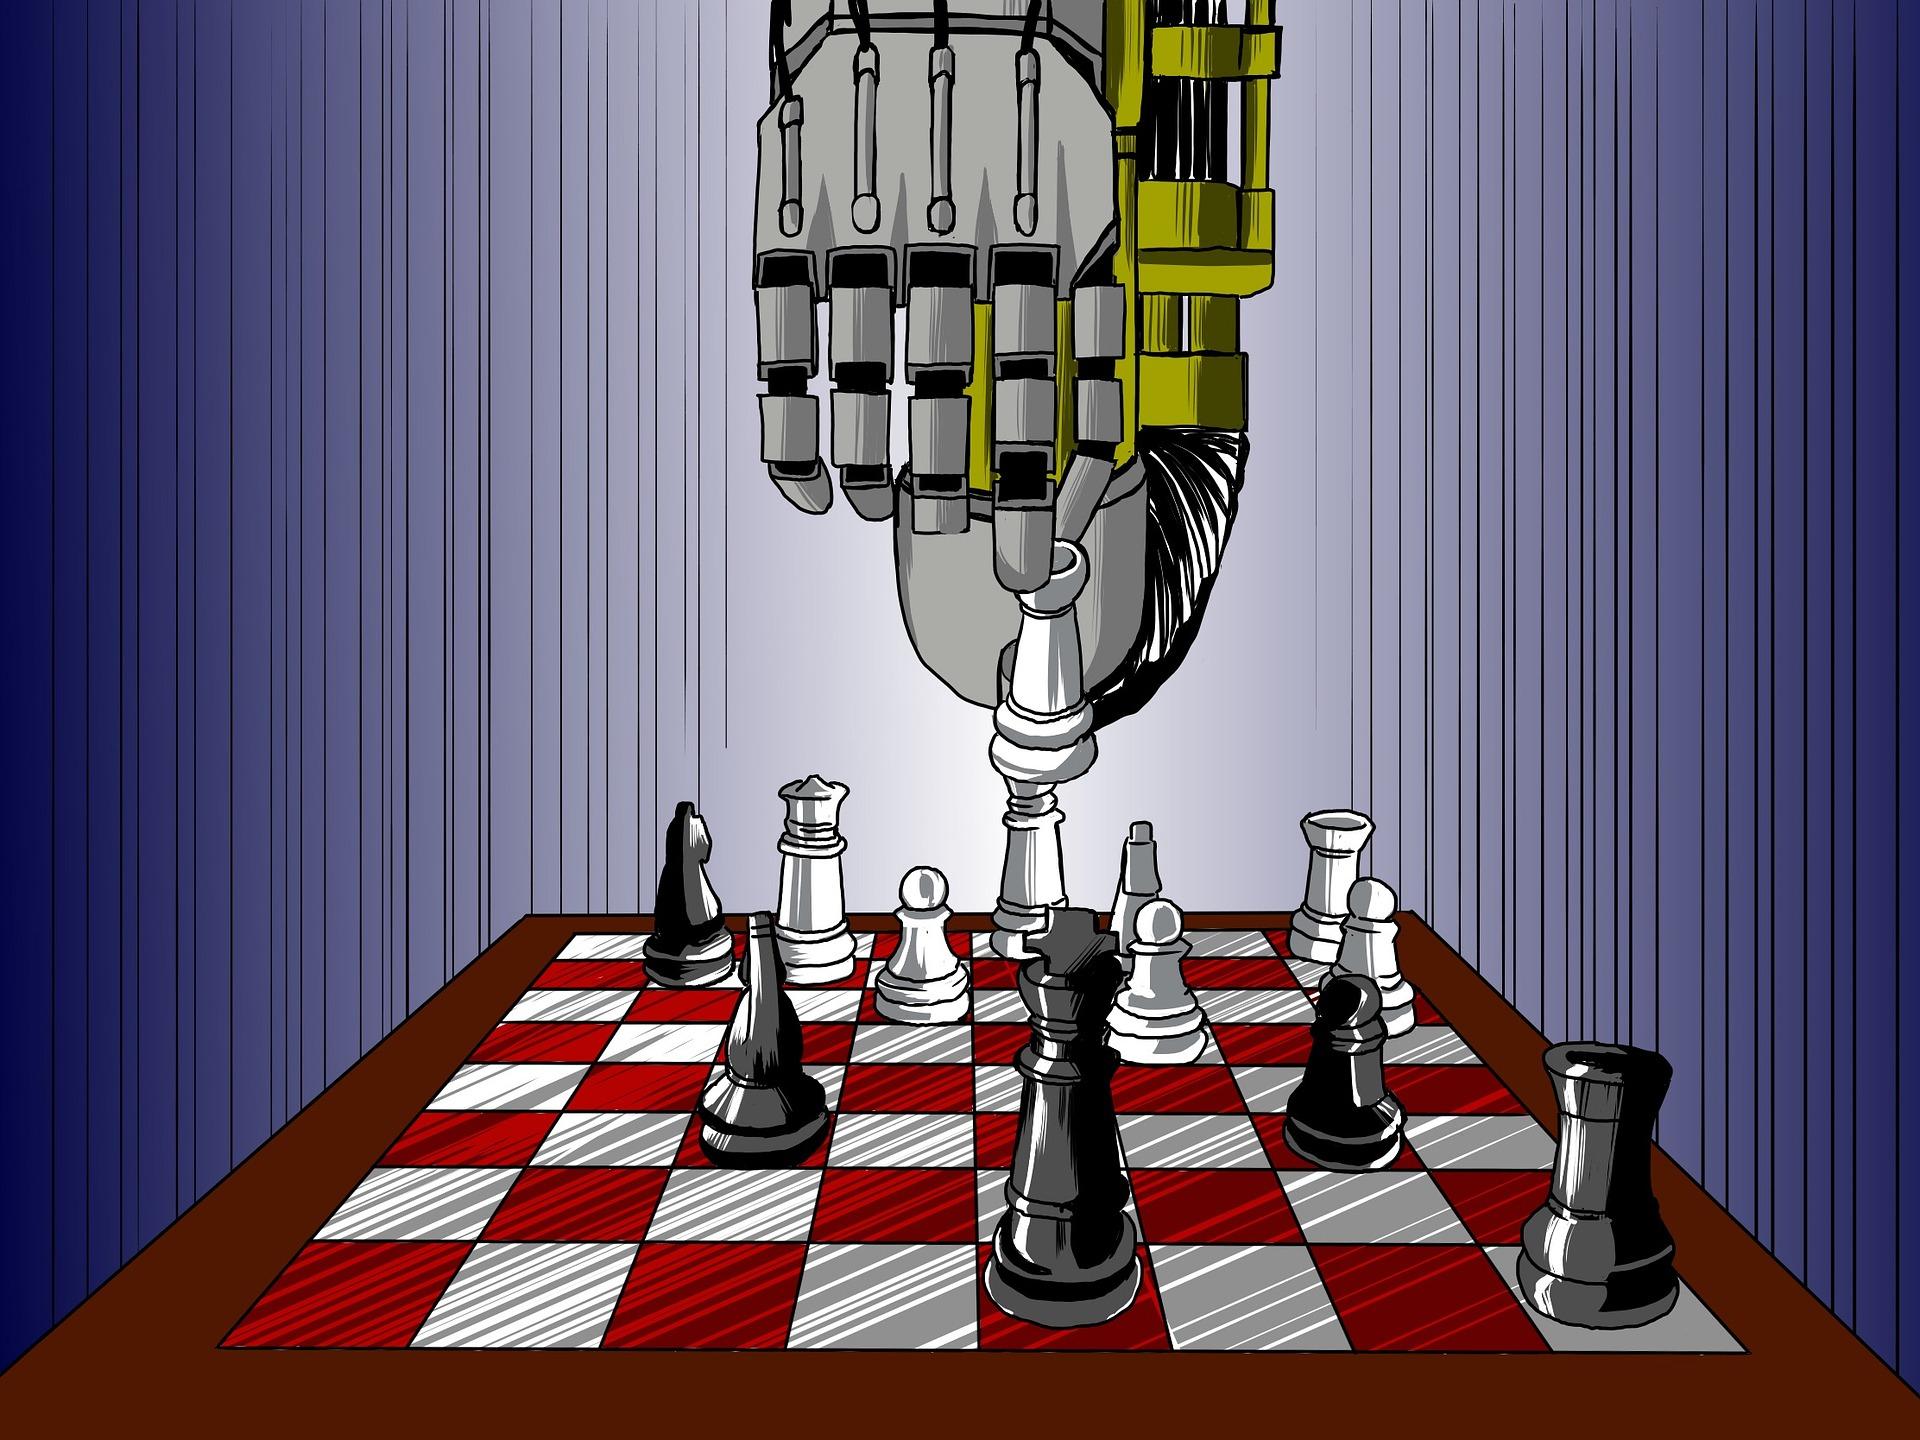 Piirroskuva, jossa robotti pelaa shakkia olettavasti itseään vastaan. Robotin käsi on tekemässä siirtoa.